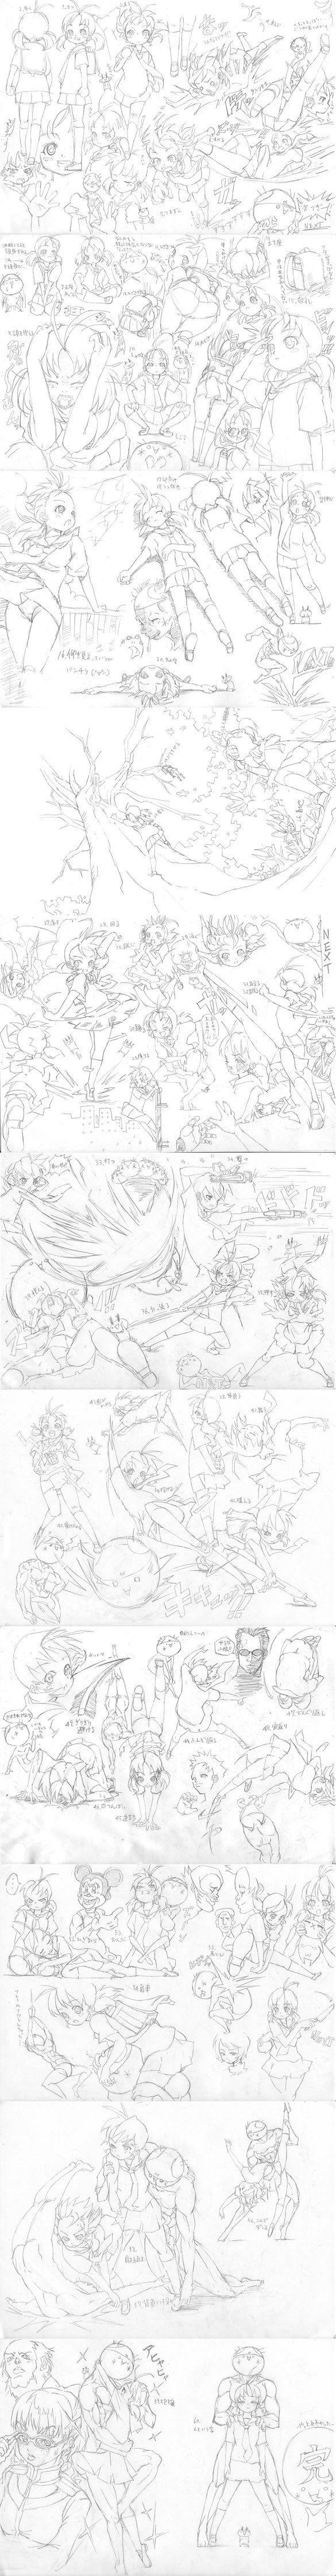 日本官方人物(资料1-3部全) 绘画教程...@有我好采集到CG画(4305图)_花瓣游戏